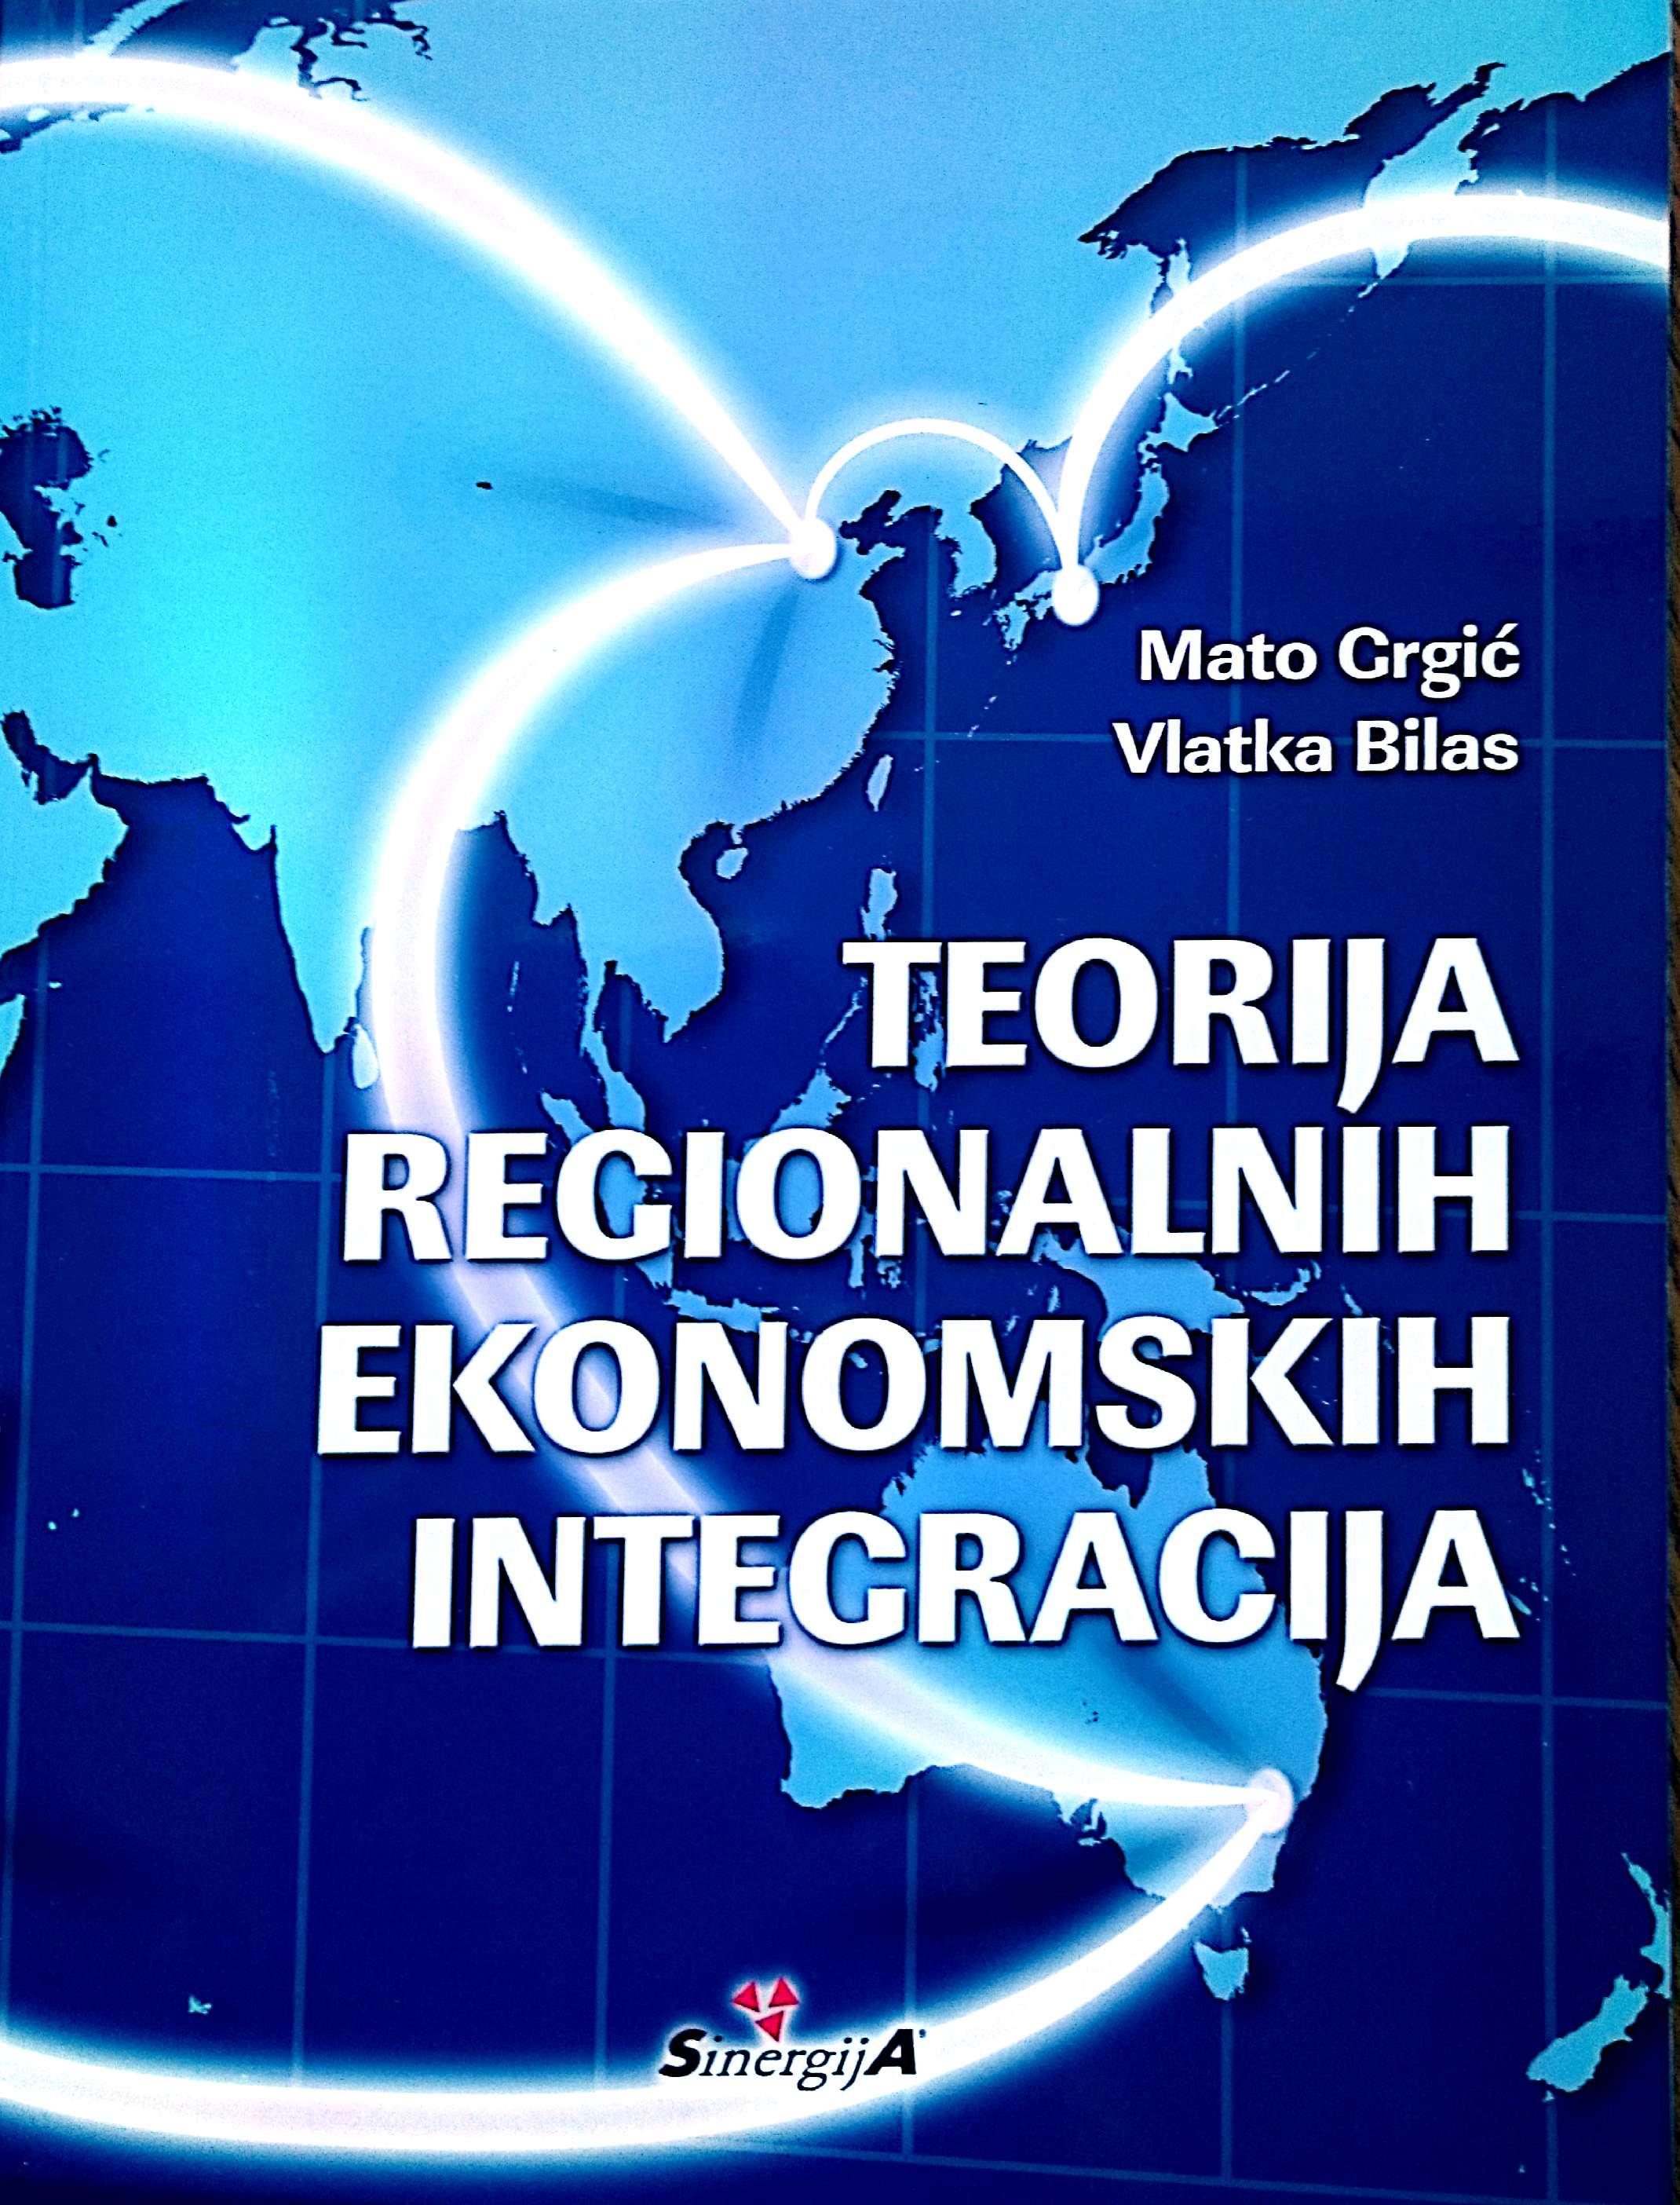 TEORIJA REGIONALNIH EKONOMSKIH INTEGRACIJA - Naruči svoju knjigu